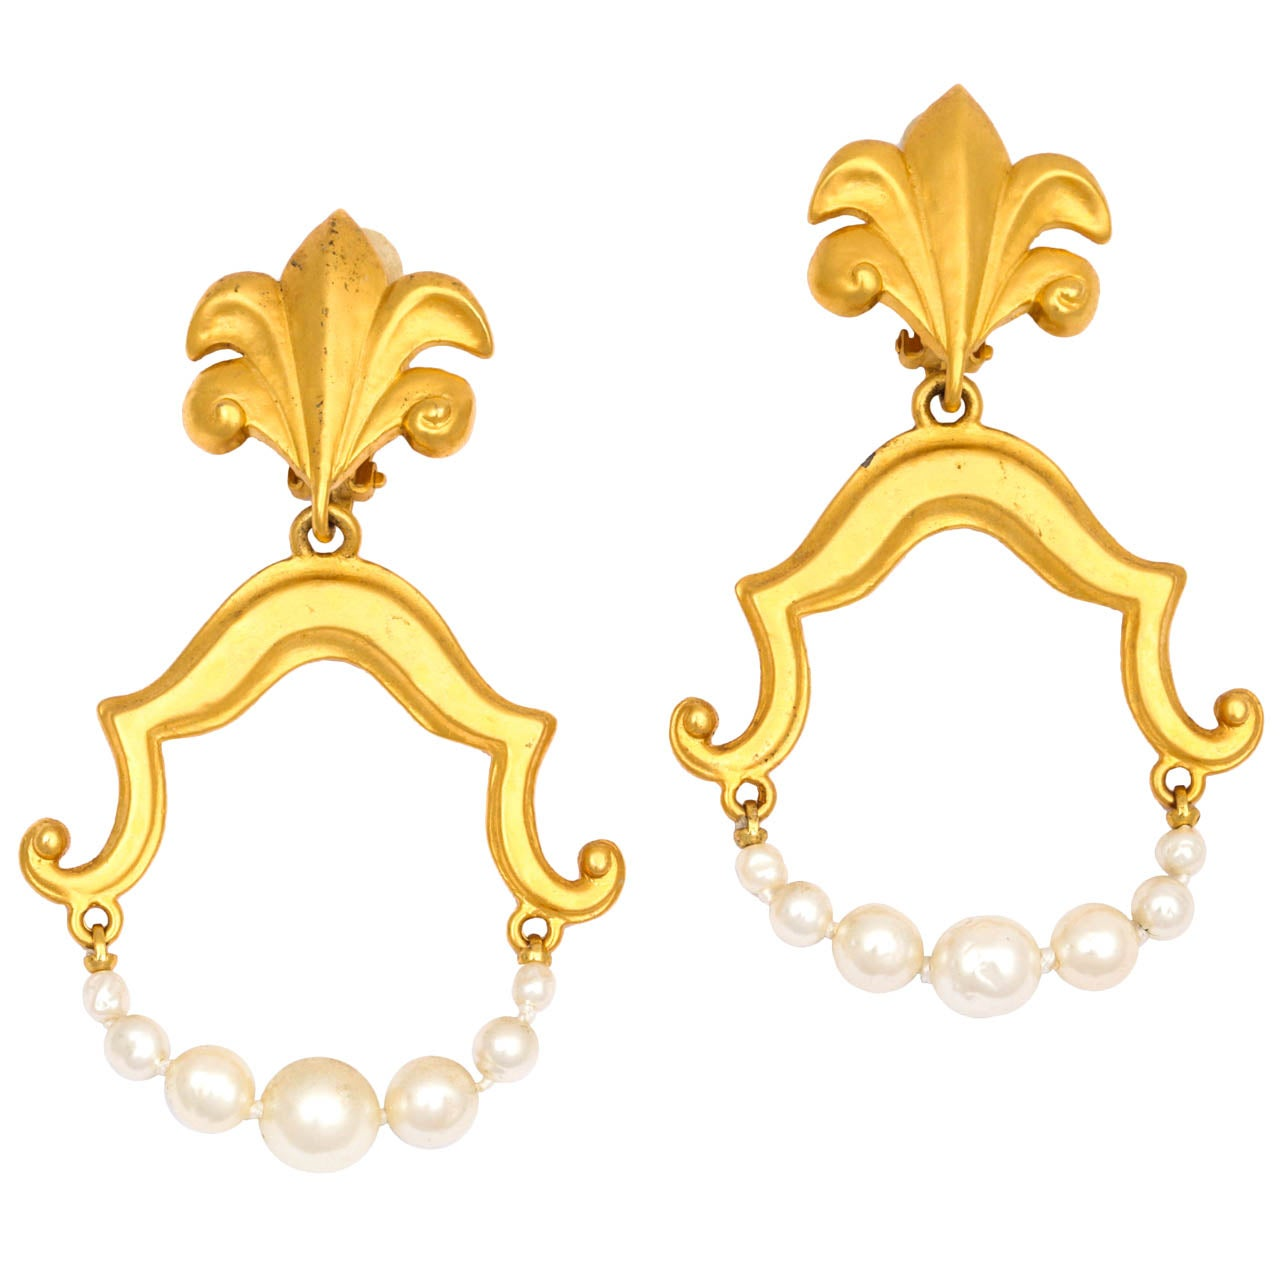 Goldtone and Pearl Hoop Earrings